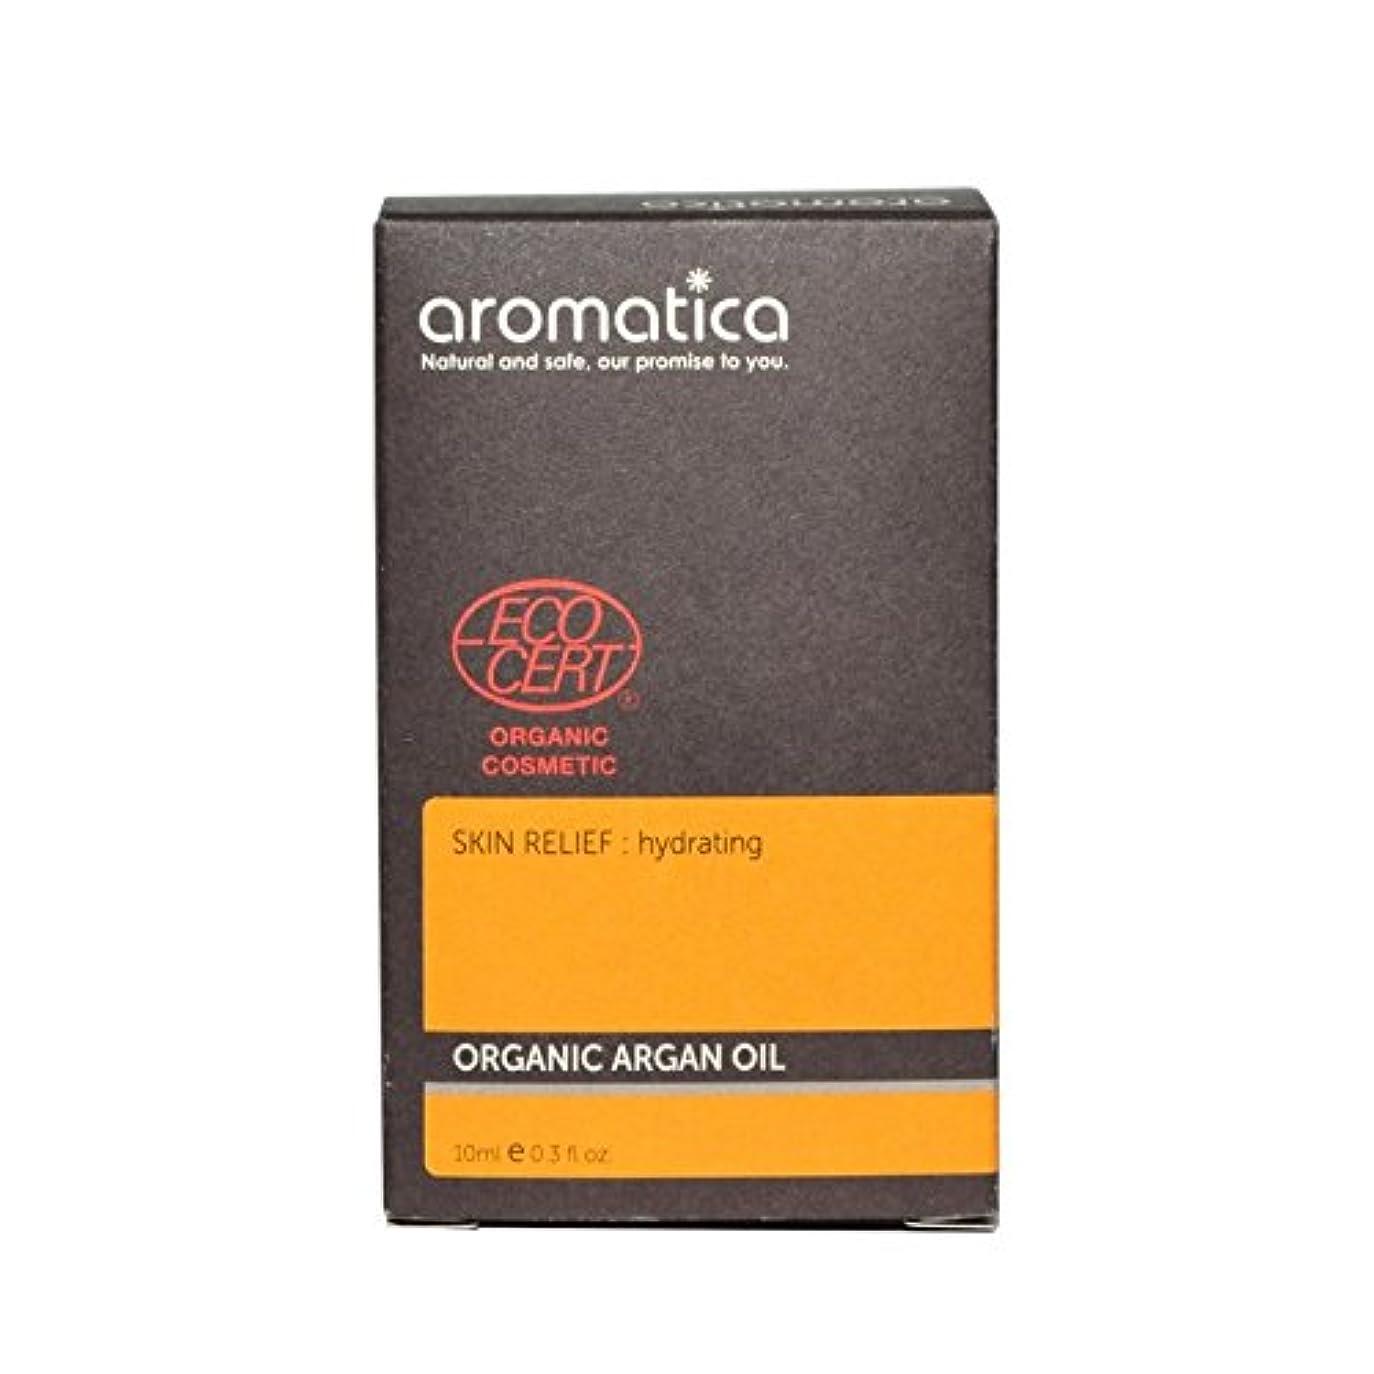 古くなった実現可能性無力オーガニックアルガンオイル10ミリリットル x4 - aromatica Organic Argan Oil 10ml (Pack of 4) [並行輸入品]